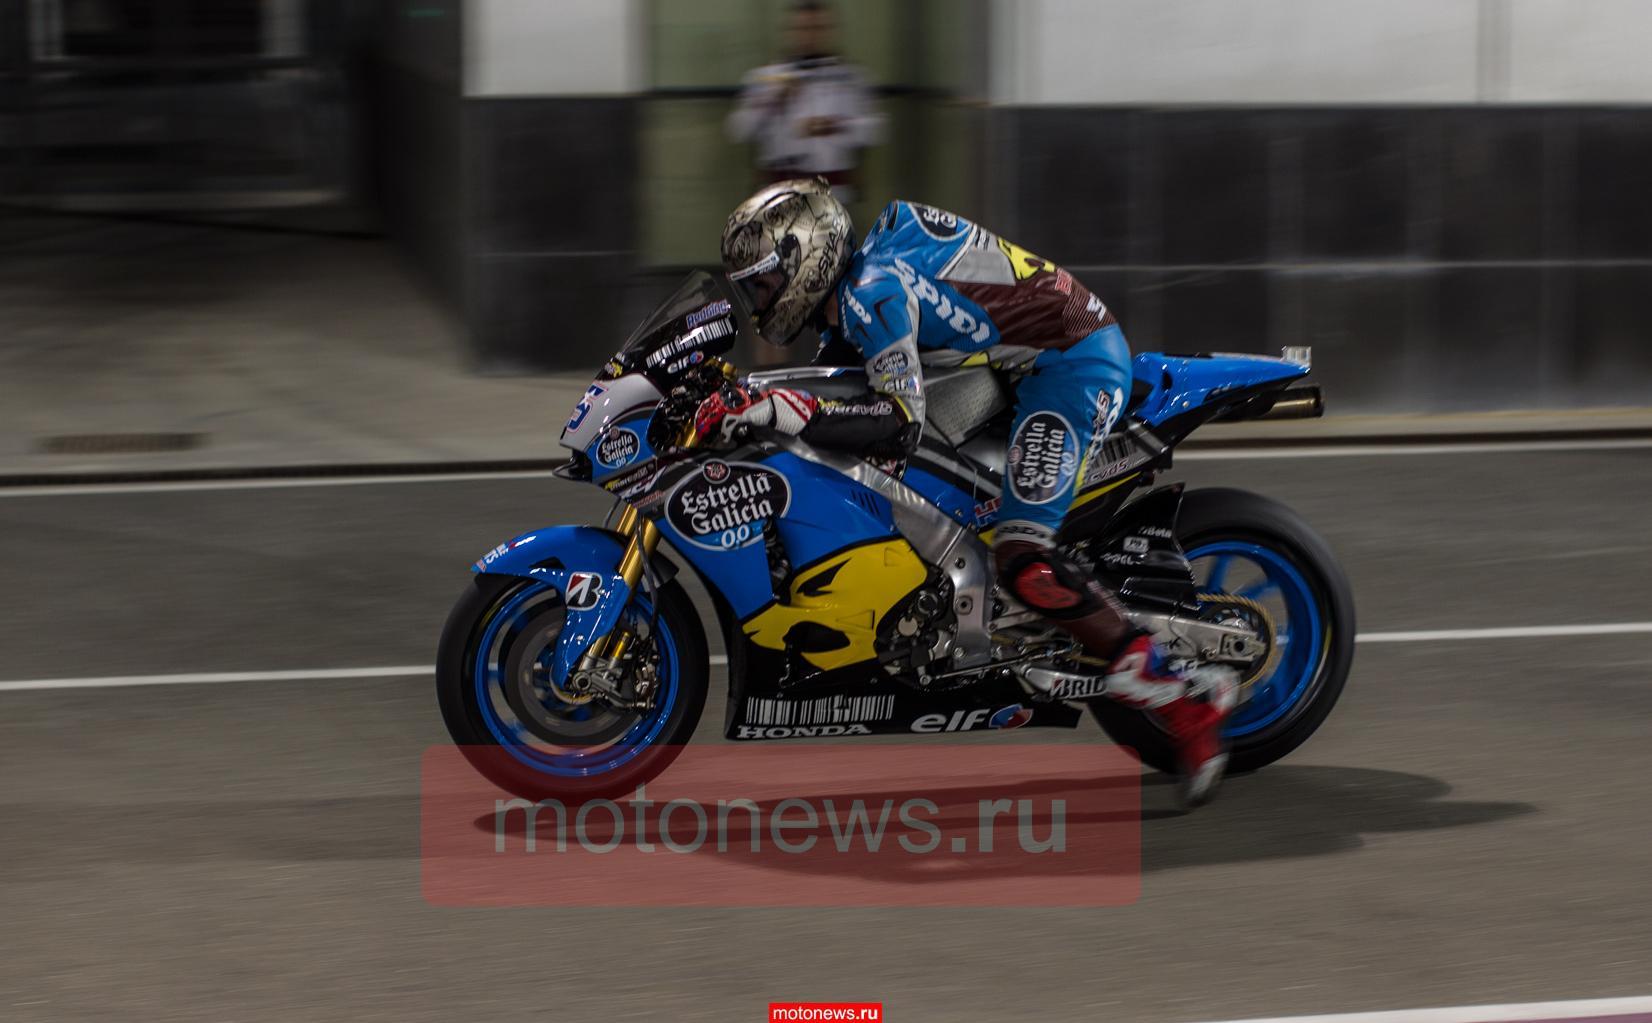 MotoGP-2015: Второй день тестов в Катаре, лучший - Довизиозо